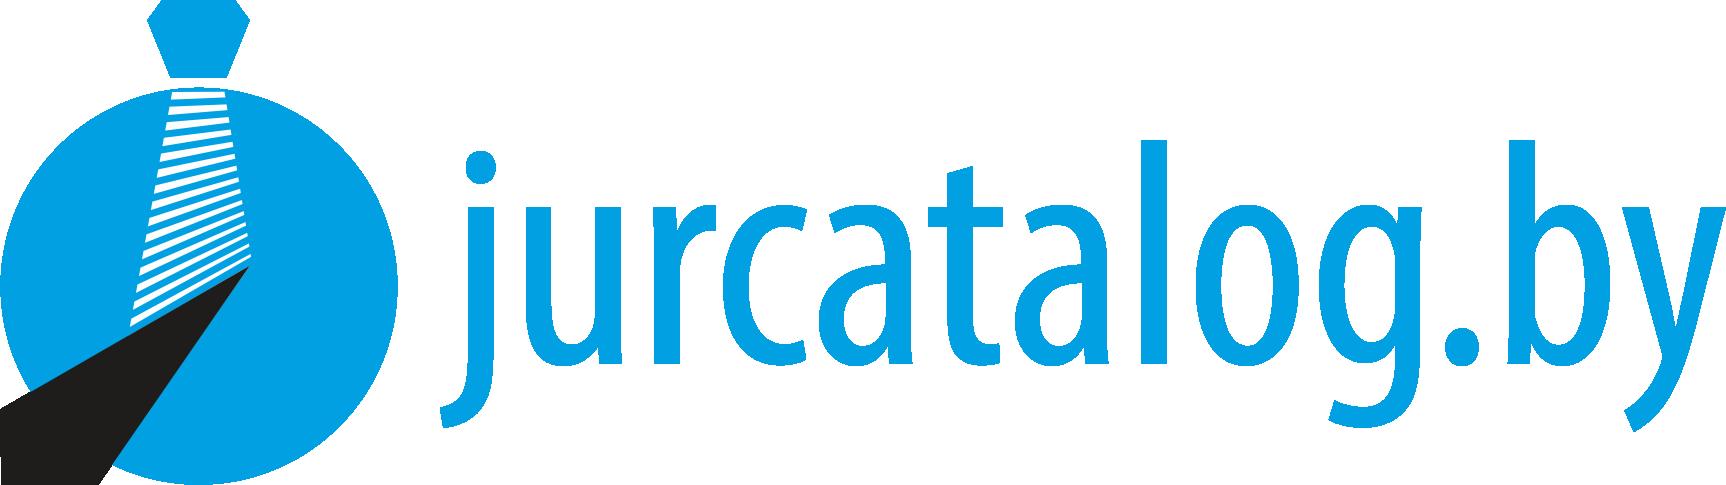 логотип для юридической компании образец